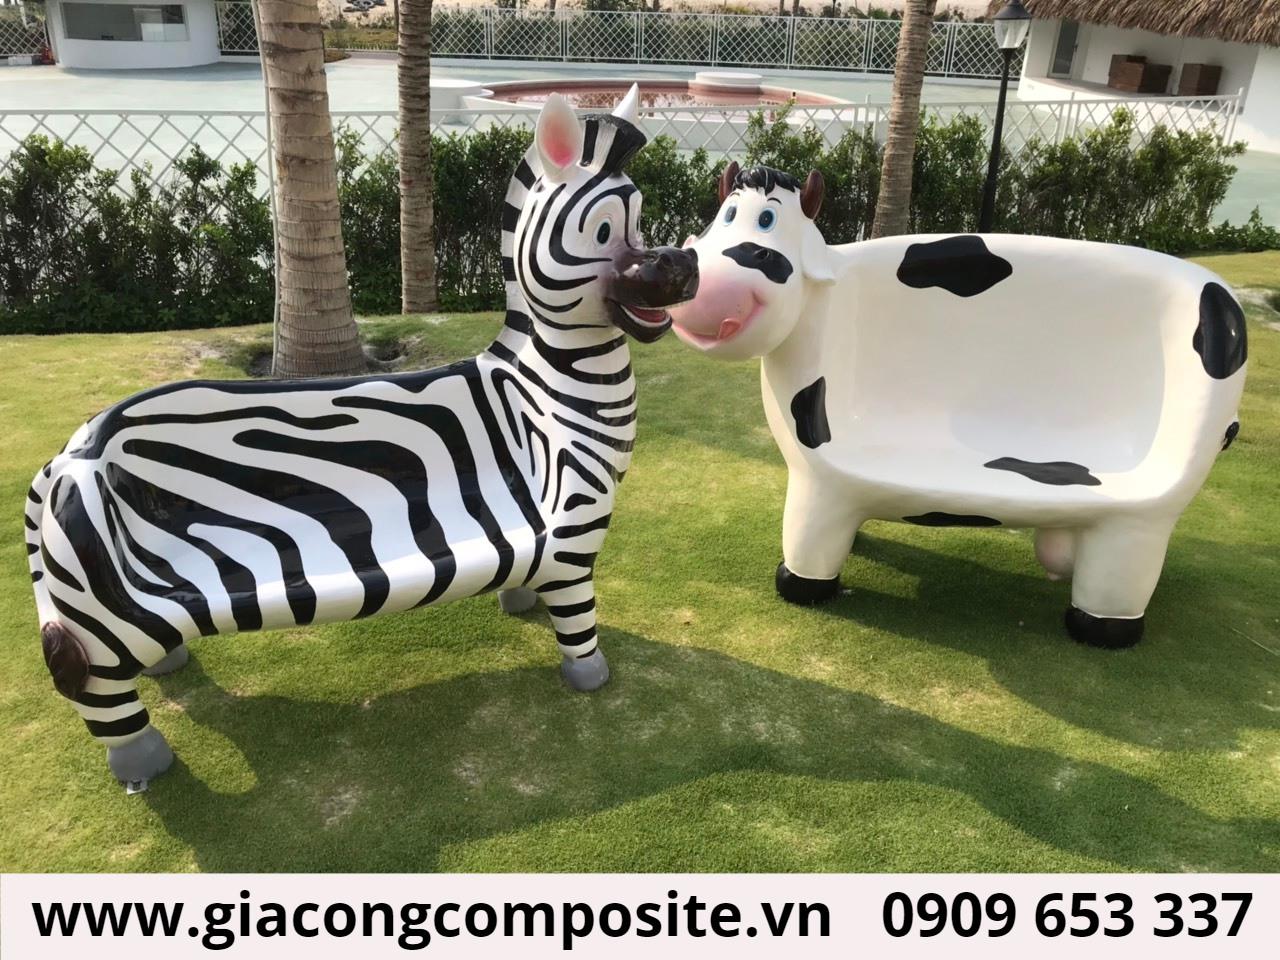 xưởng sản xuất ghế bò sữa composite tại HCM, xưởng sản xuất trực tiếp ghế bò sữa composite tại HCM,nhận làm ghế bò sữa composite theo yêu cầu,cung cấp ghế bò sữa composite rẻ nhất tại HCM,những địa chỉ uy tín sản xuất  ghế conposite tại HCM, ghế hoạt hình composite giá rẻ tại HCM, ghế nhựa composite hoạt hình cao cấp, ghế mô hình bằng composite đẹp, ghế động vật ngoài trời composite cao cấp, ghế mầm non composite, ghế công viên composite đẹp, ghế công viên composite dễ thương , ghế thú bằng composite cao cấp,